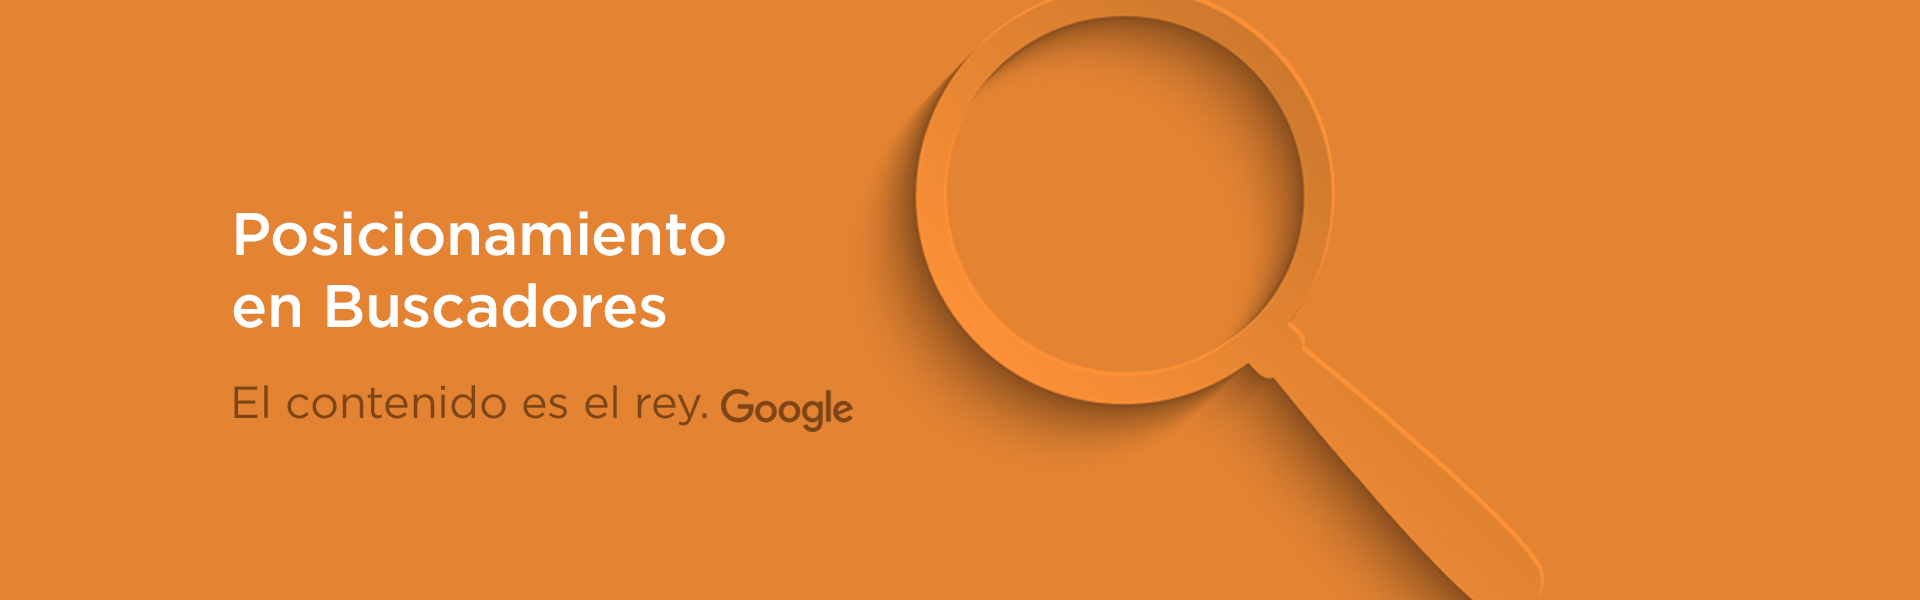 Posicionamiento en Buscadores Google